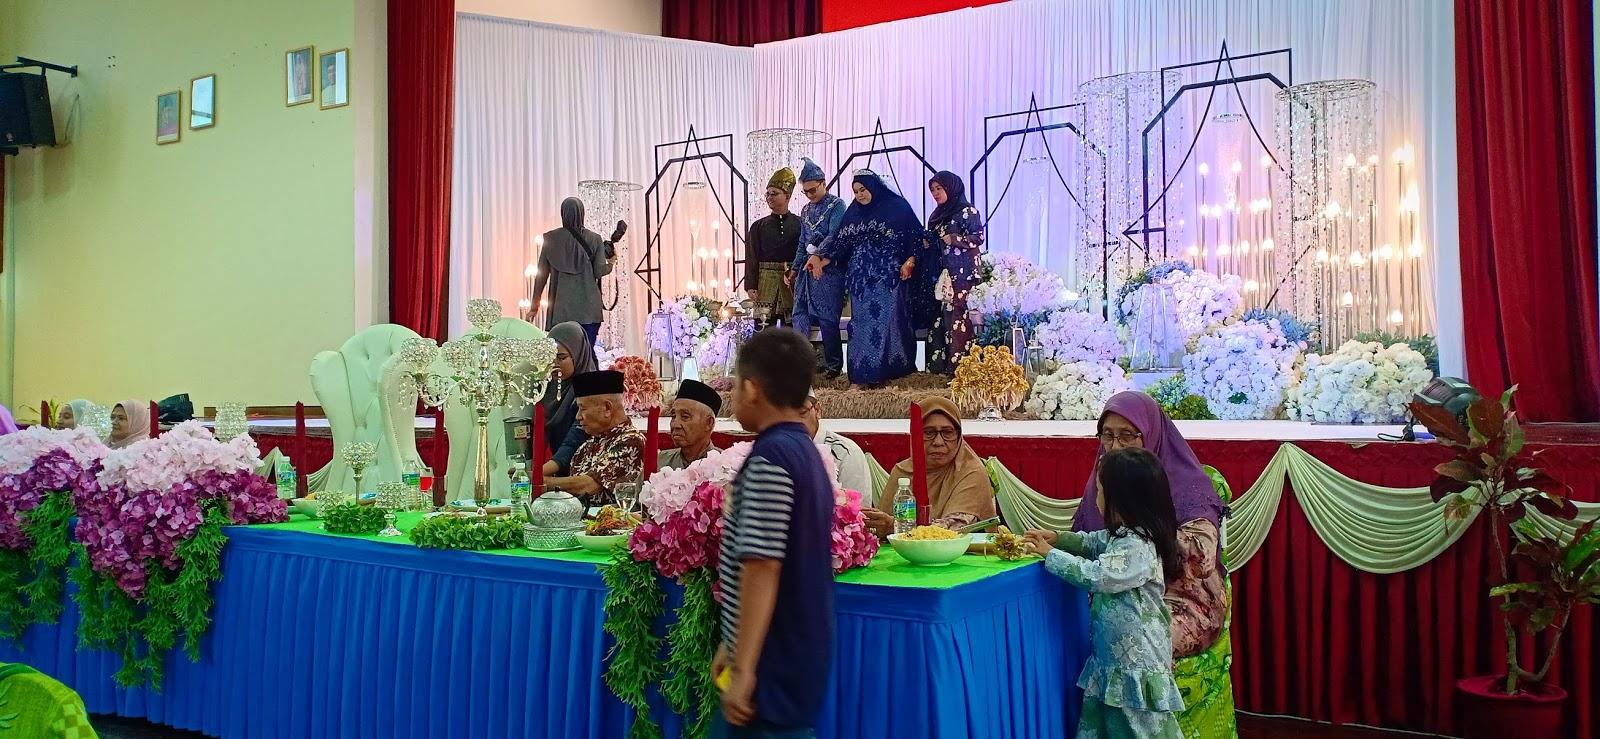 21.12.19 : Kenduri Elfy Jafni di Kompleks Penjara Sungai Udang Melaka